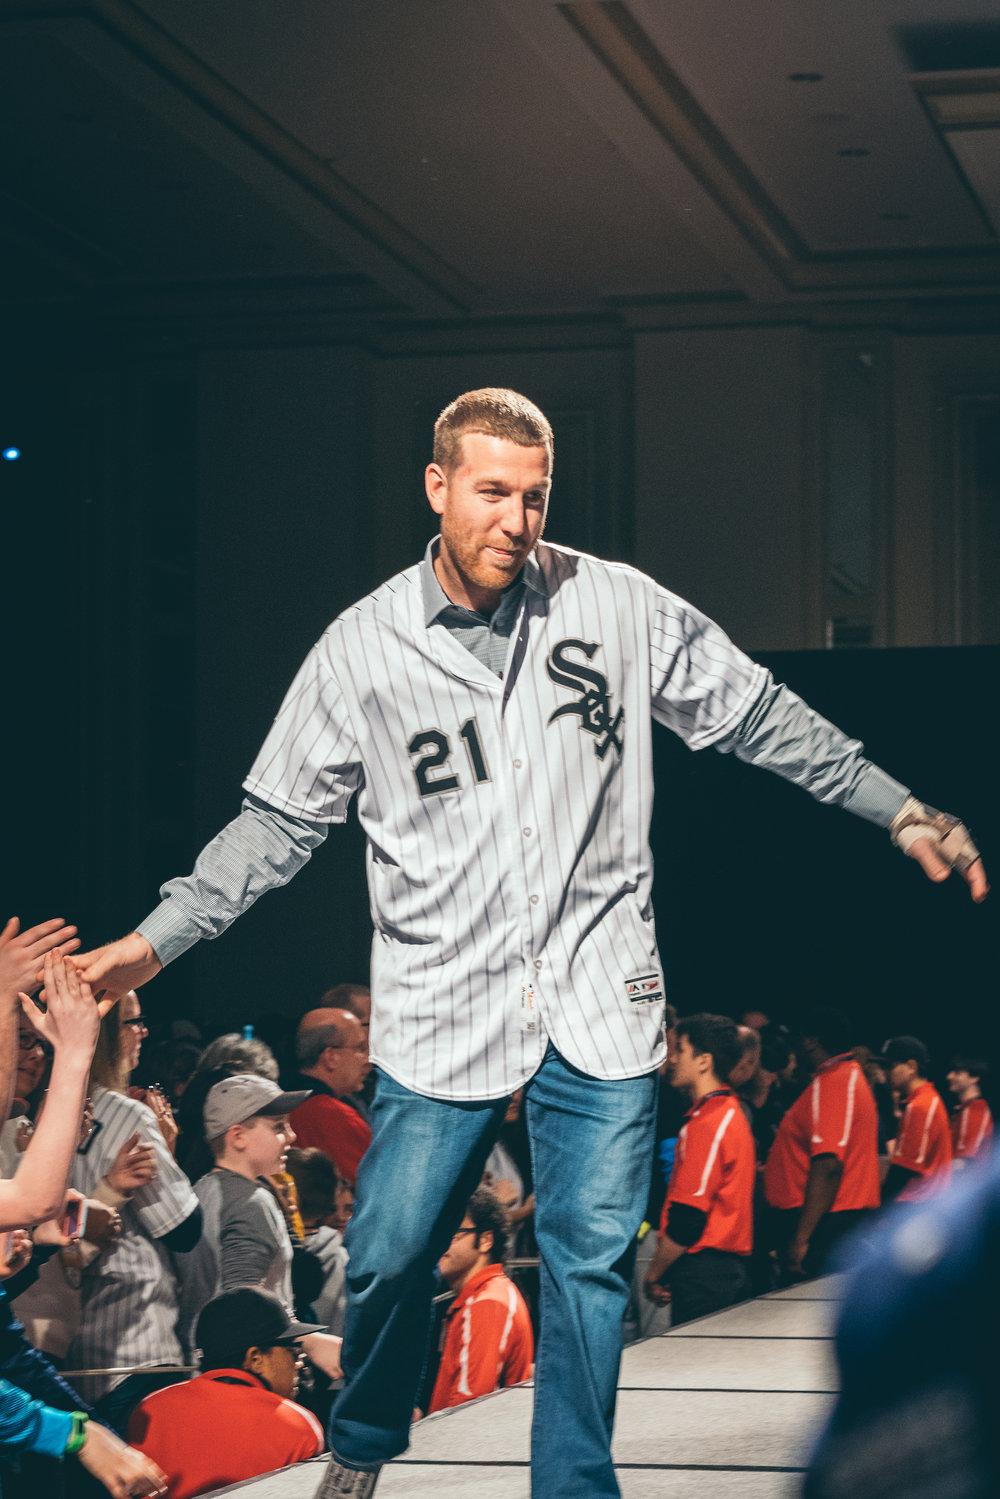 Todd Frazier, Third Baseman